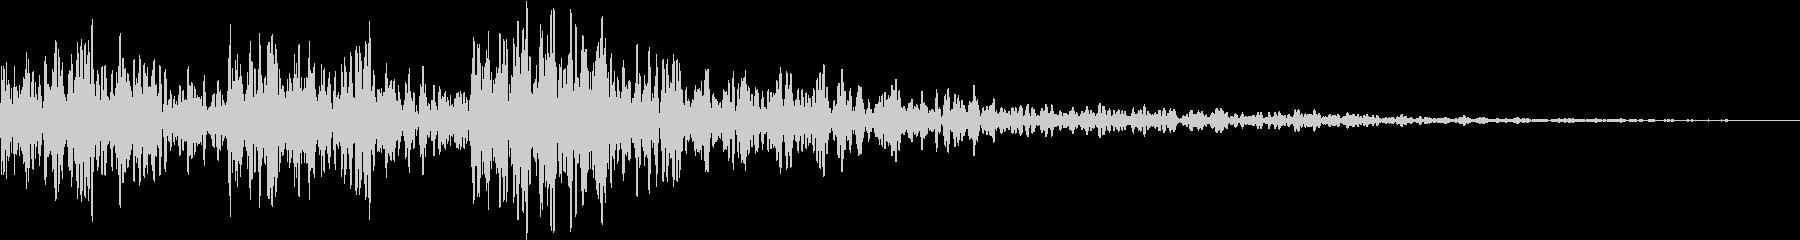 登場音の未再生の波形